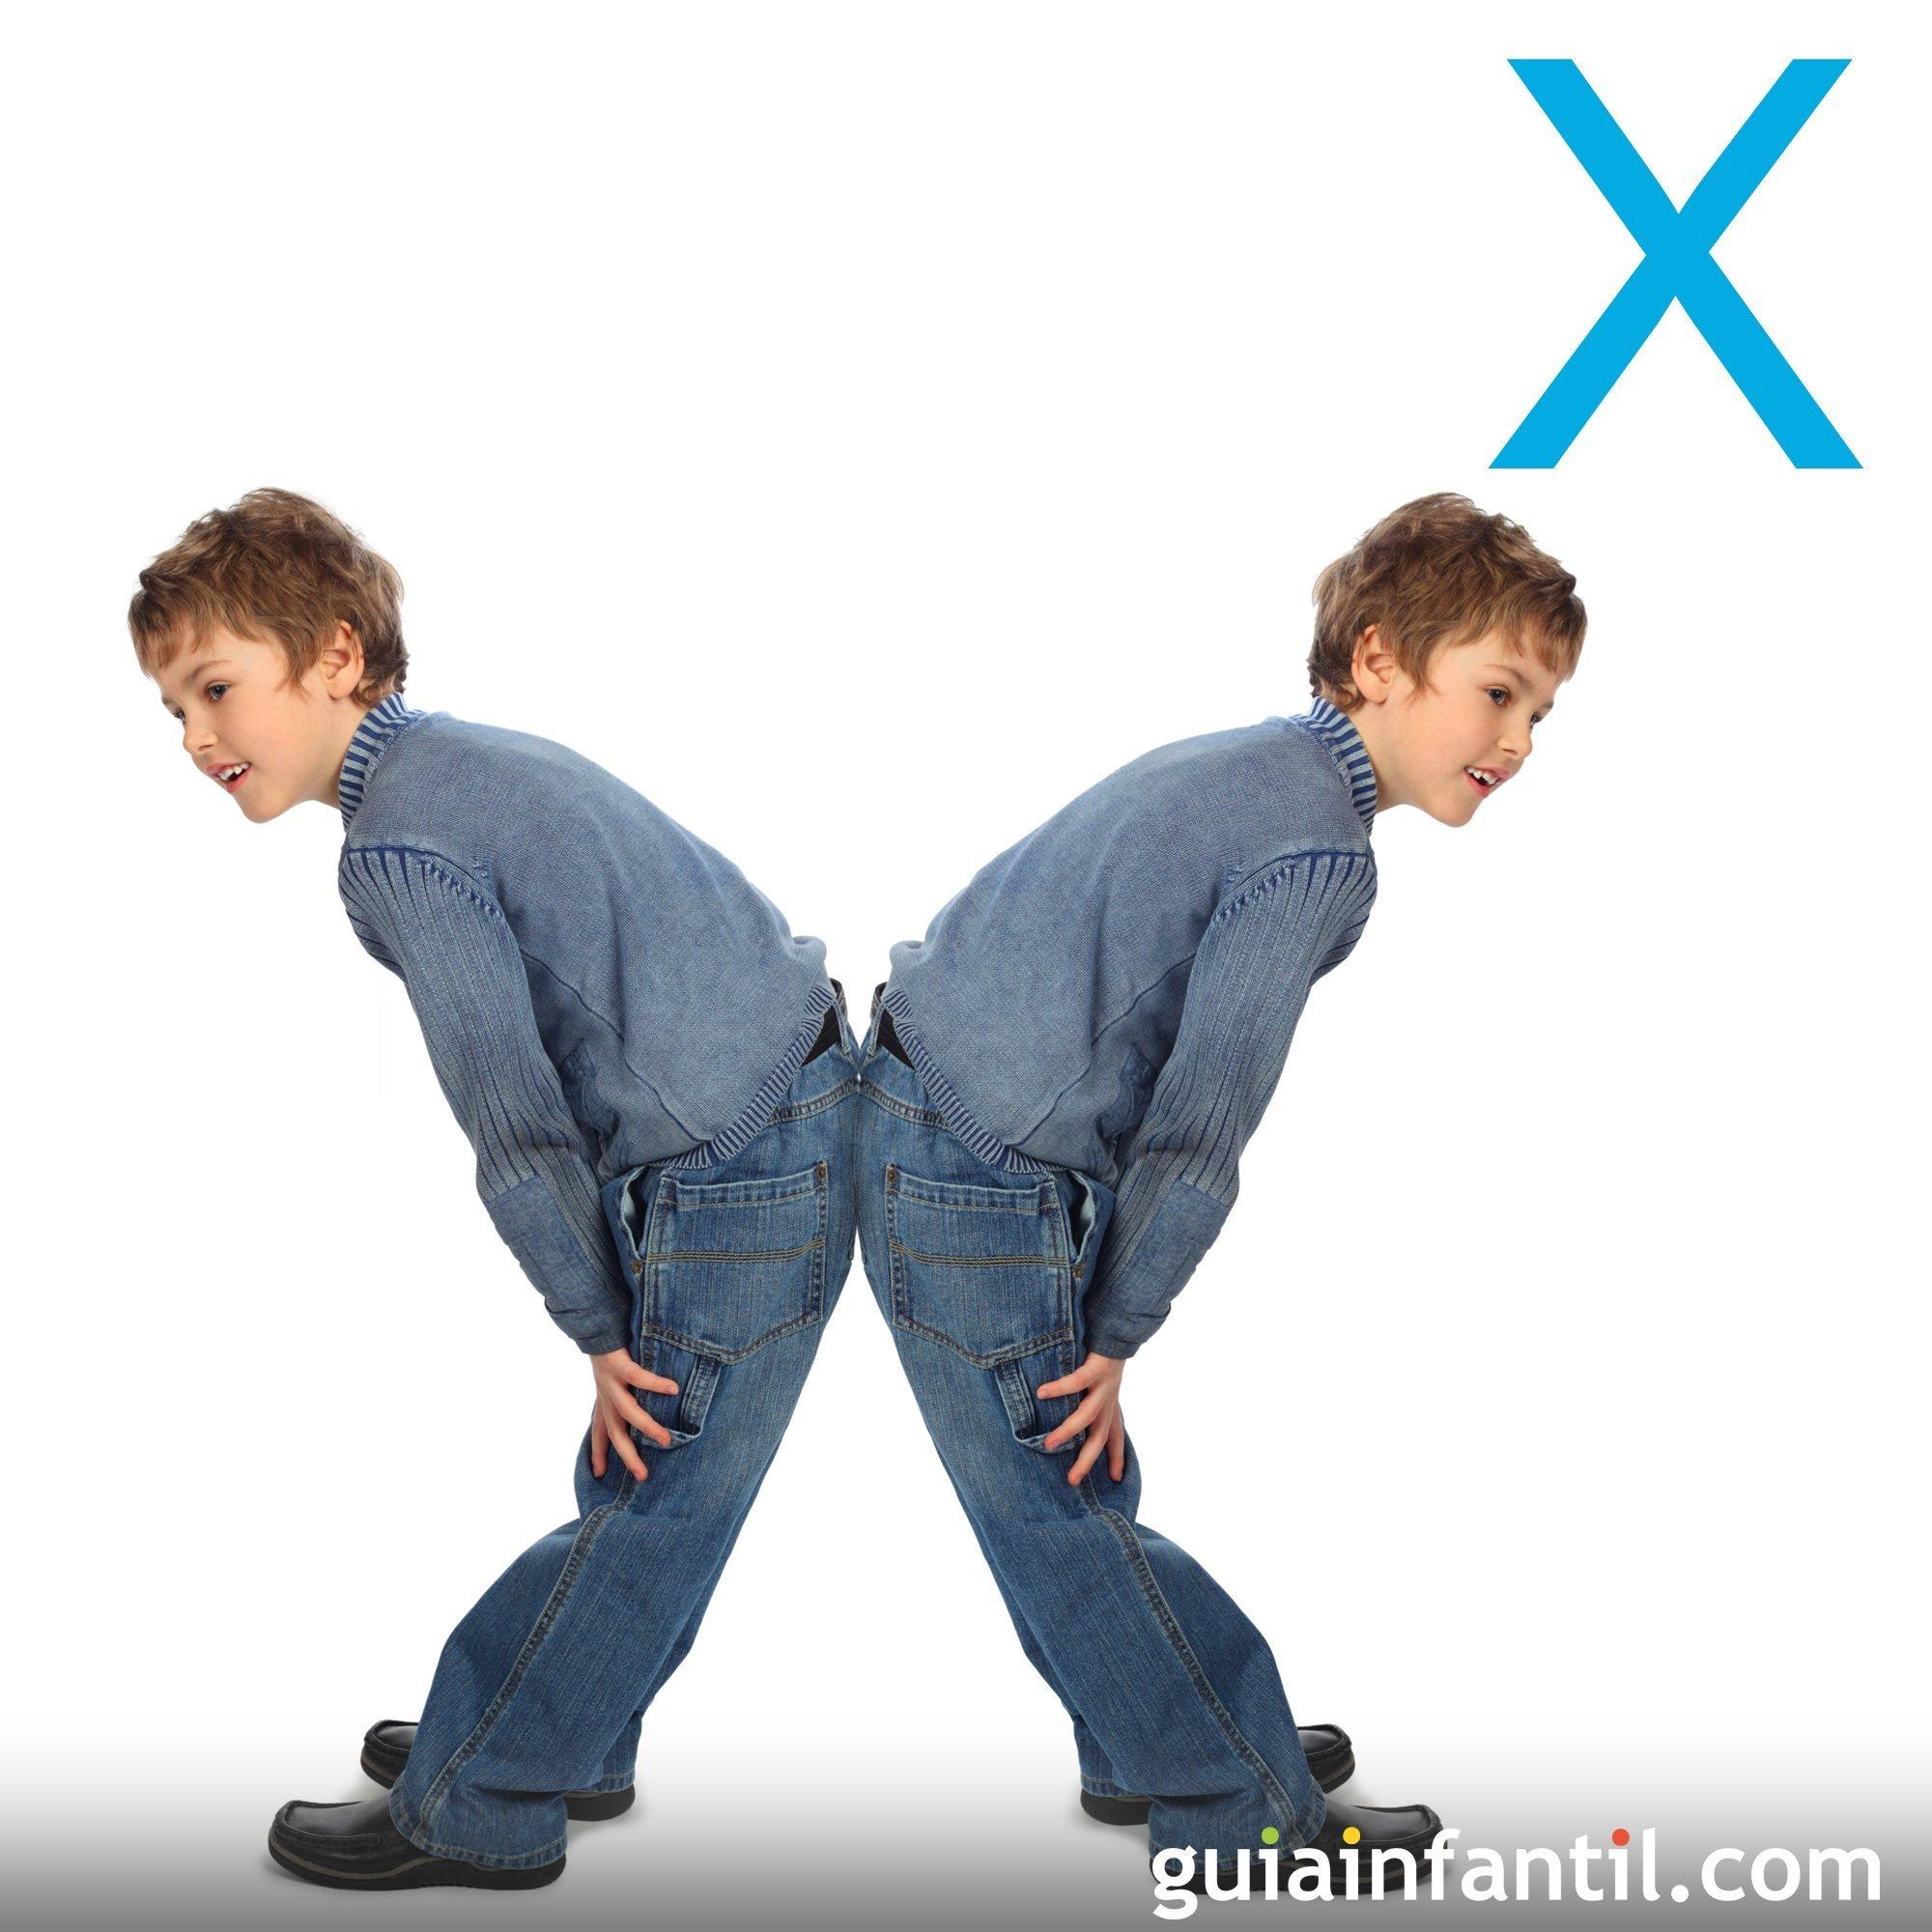 Juega a hacer la letra X con los niños